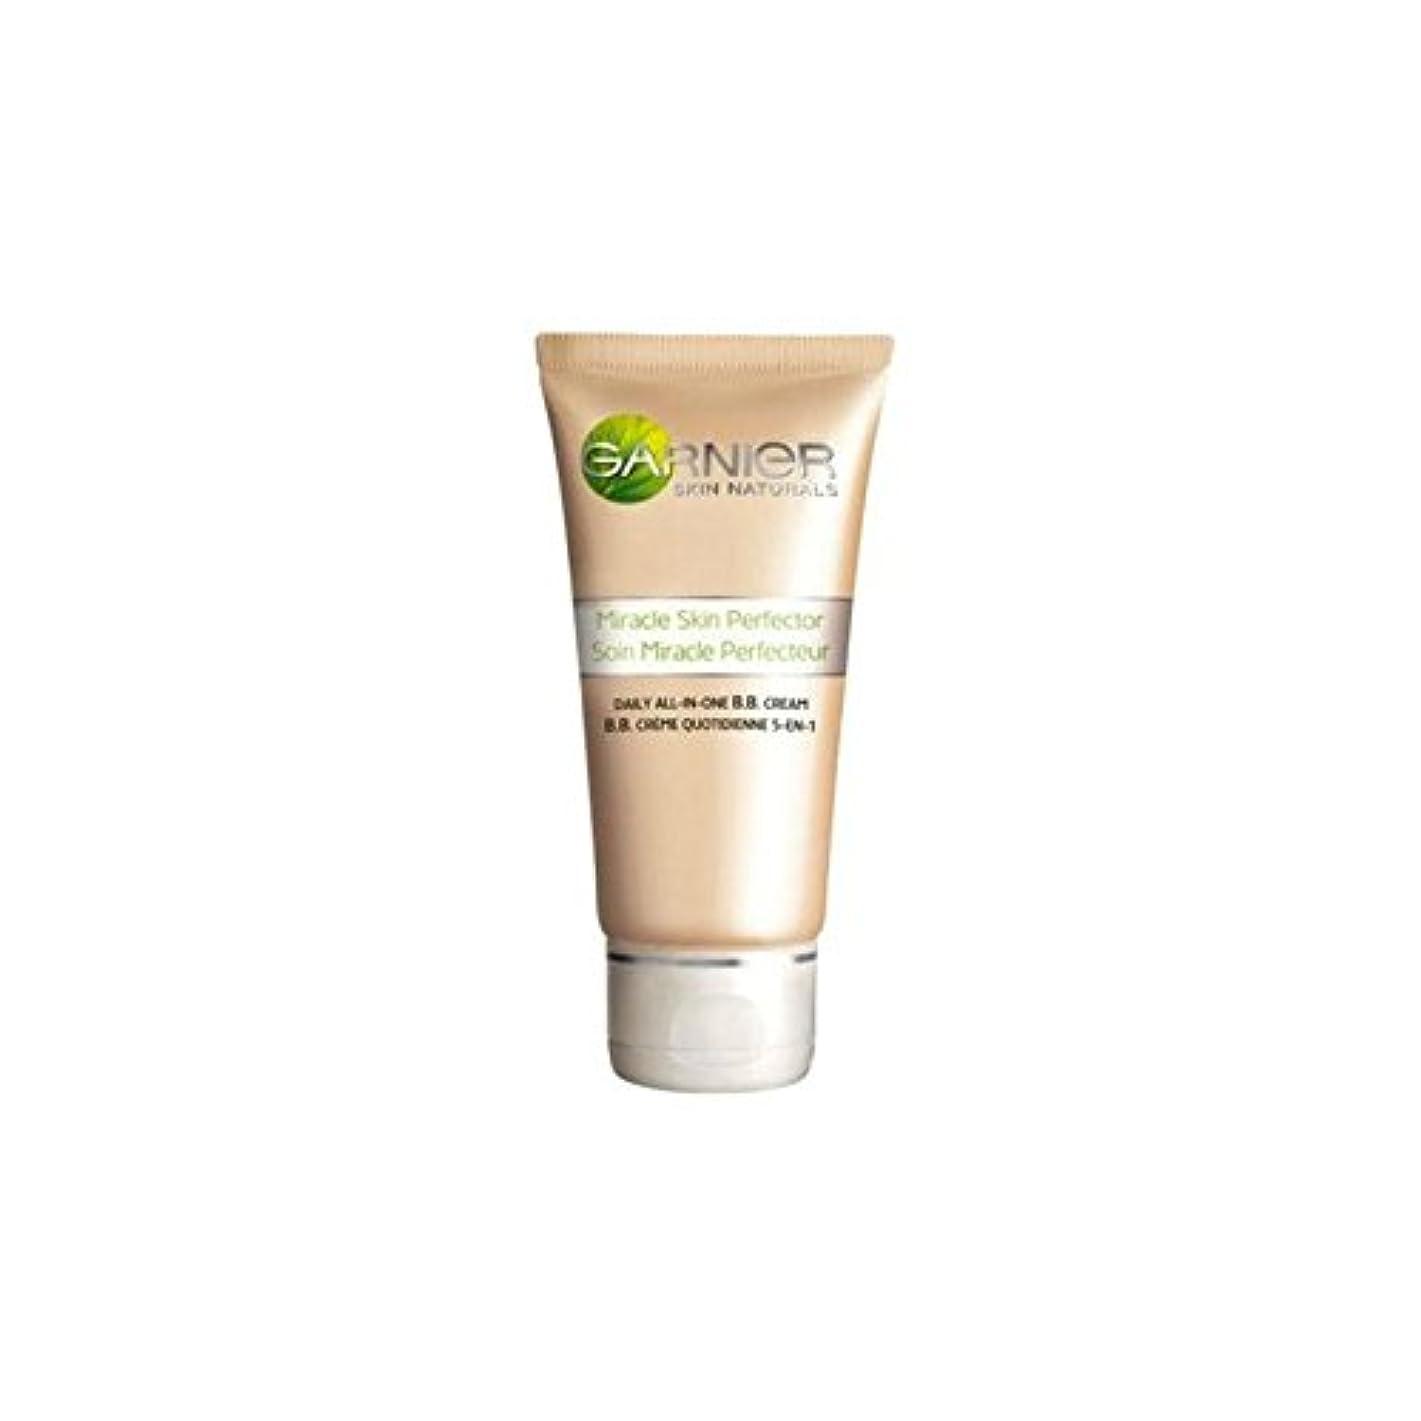 銅マオリGarnier Original Medium Bb Cream (50ml) - ガルニエオリジナル媒体クリーム(50)中 [並行輸入品]